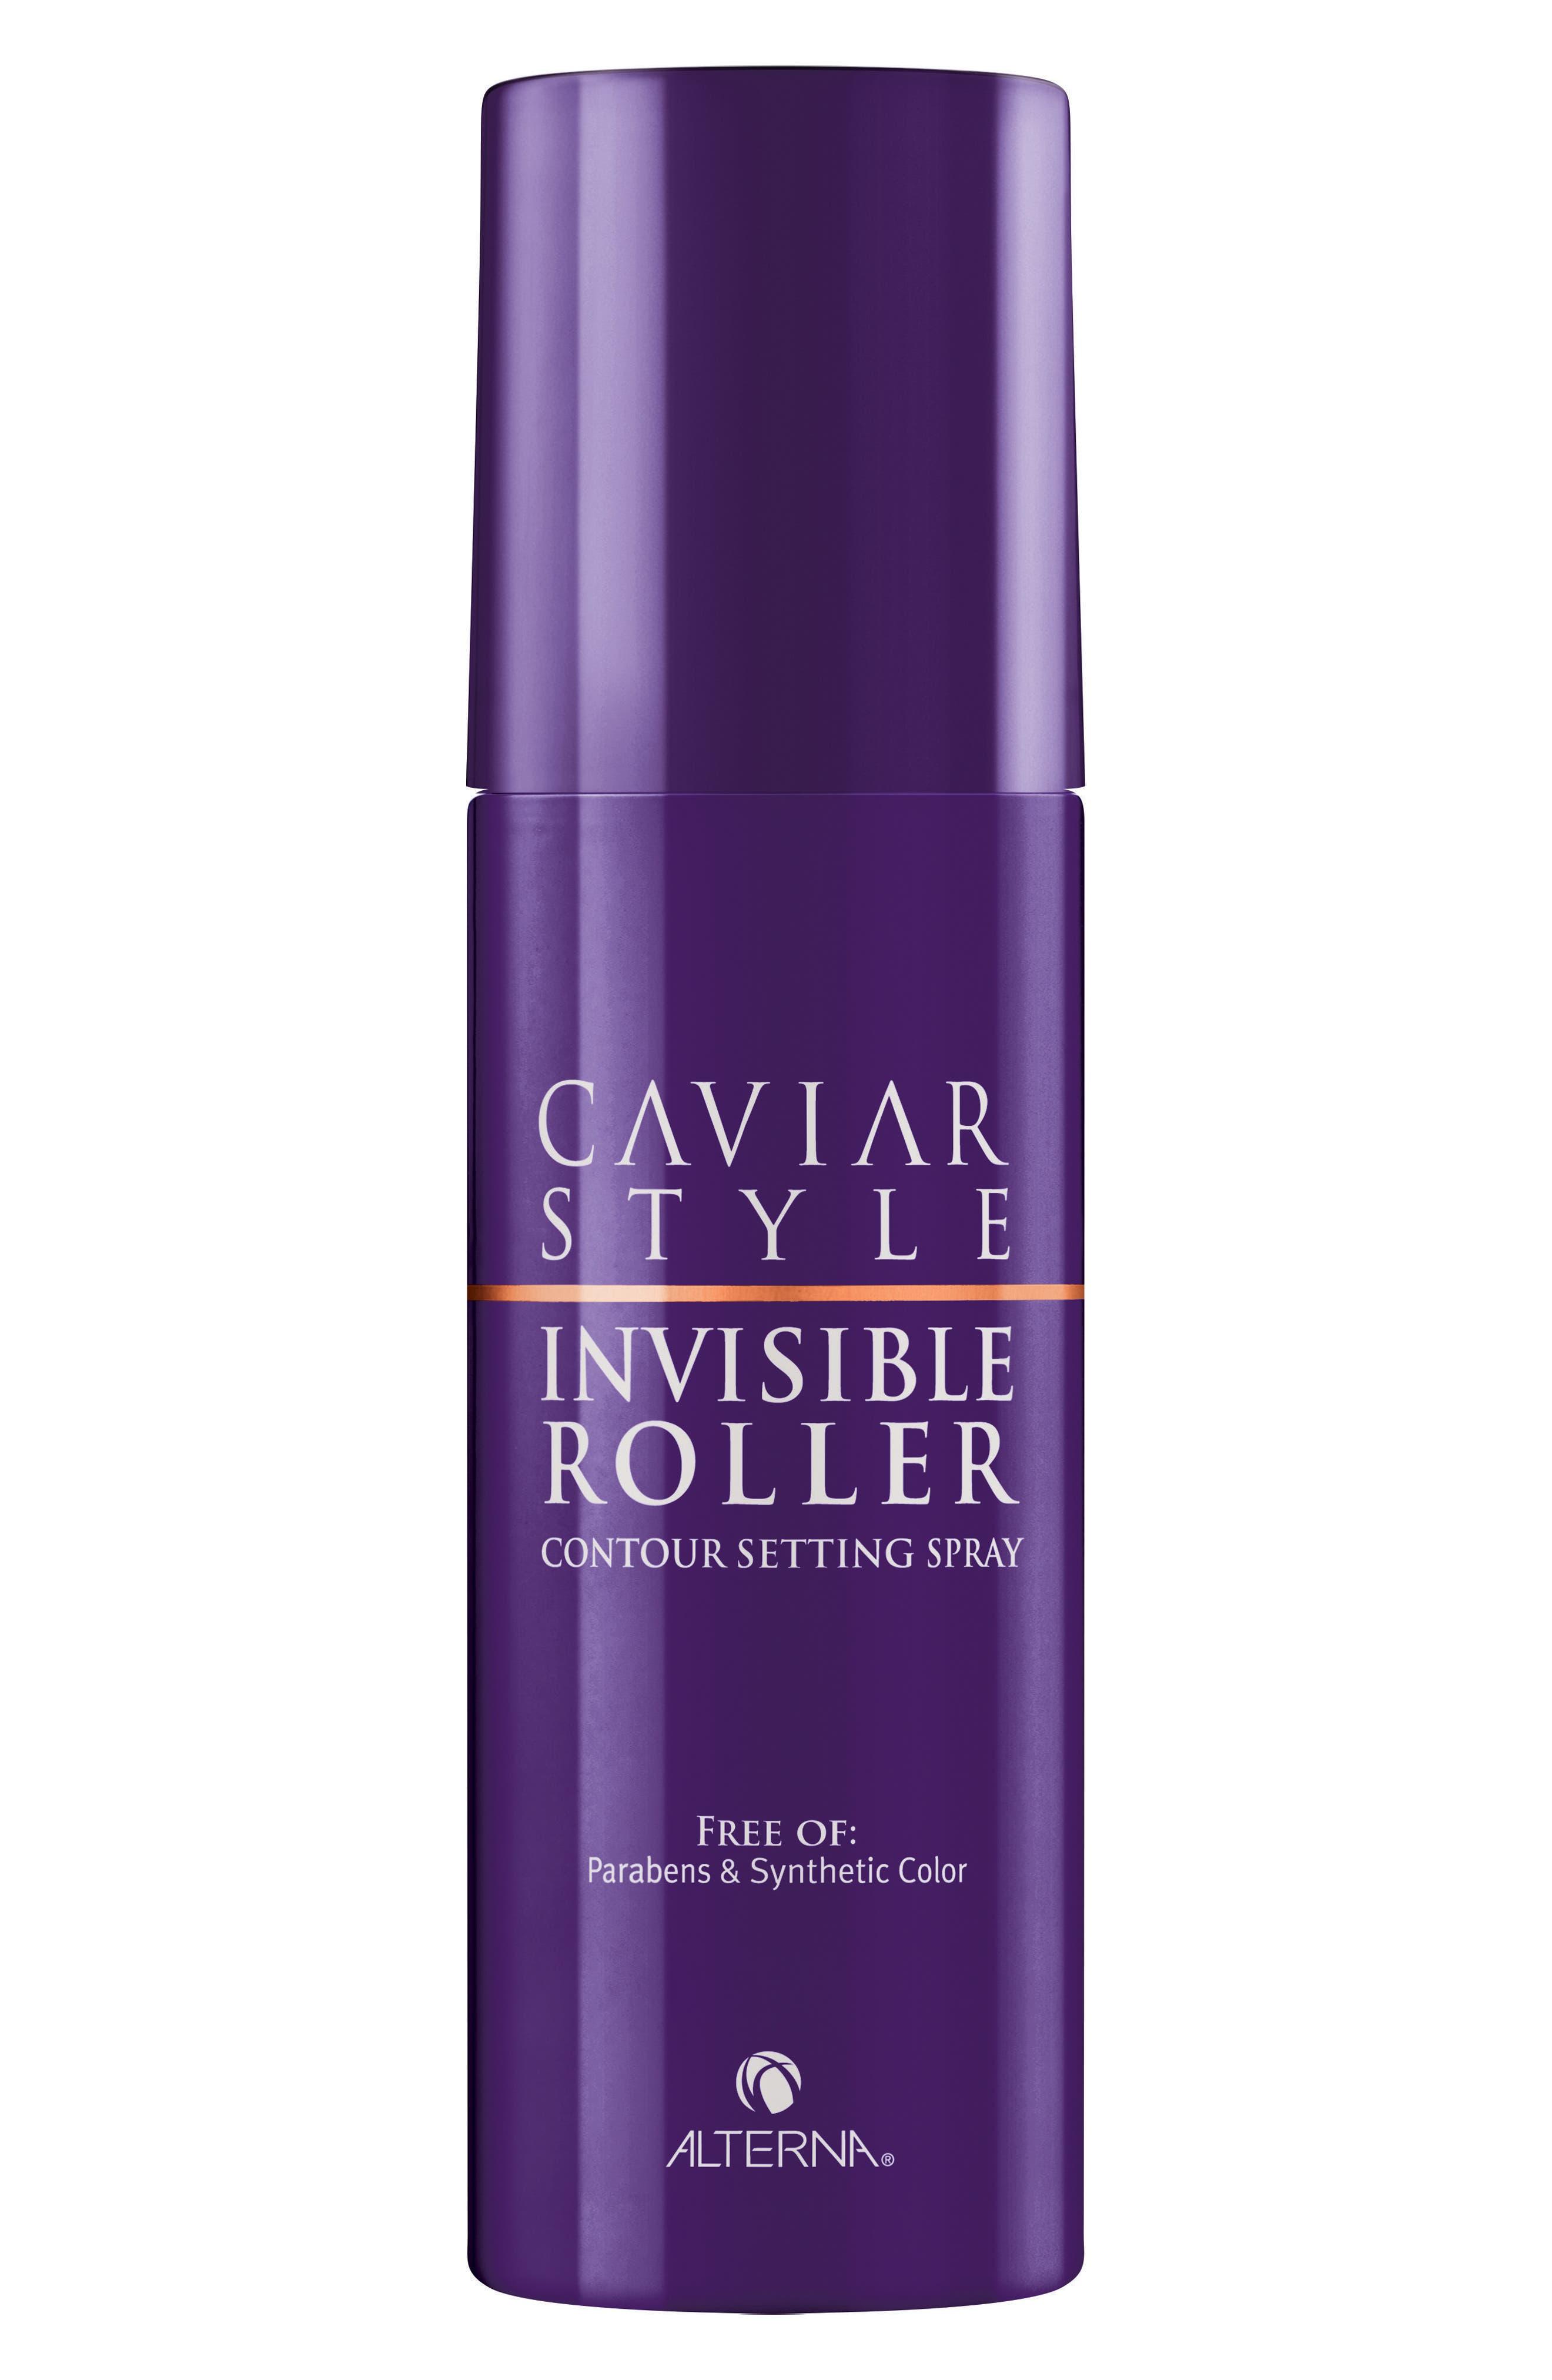 ALTERNA® Caviar Style Invisible Roller Contour Set Spray